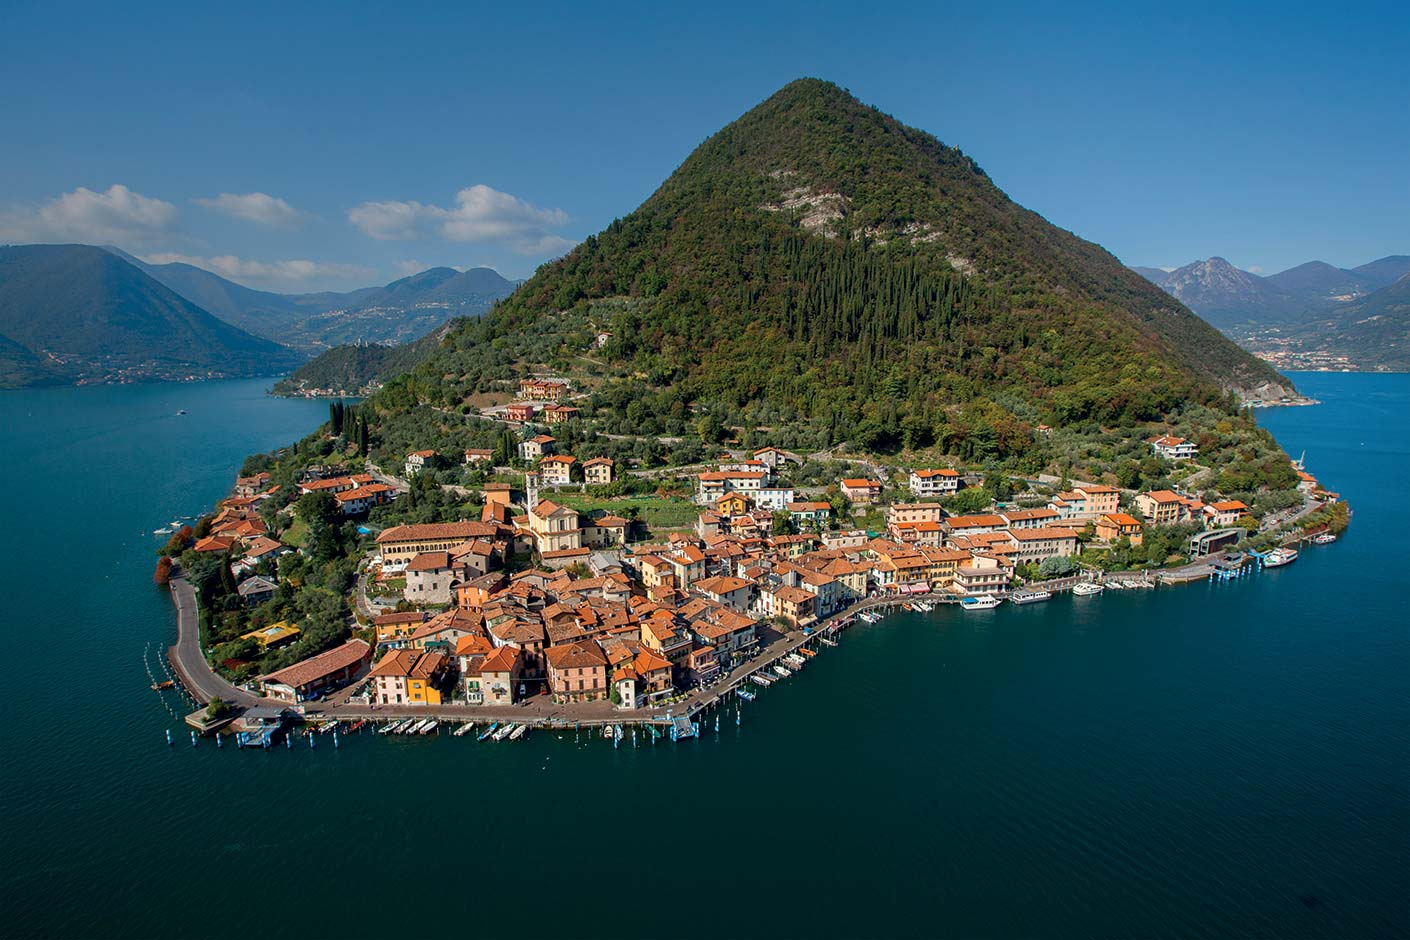 montisola-najvecji-jezerski-otok-v-evropi-secret-world